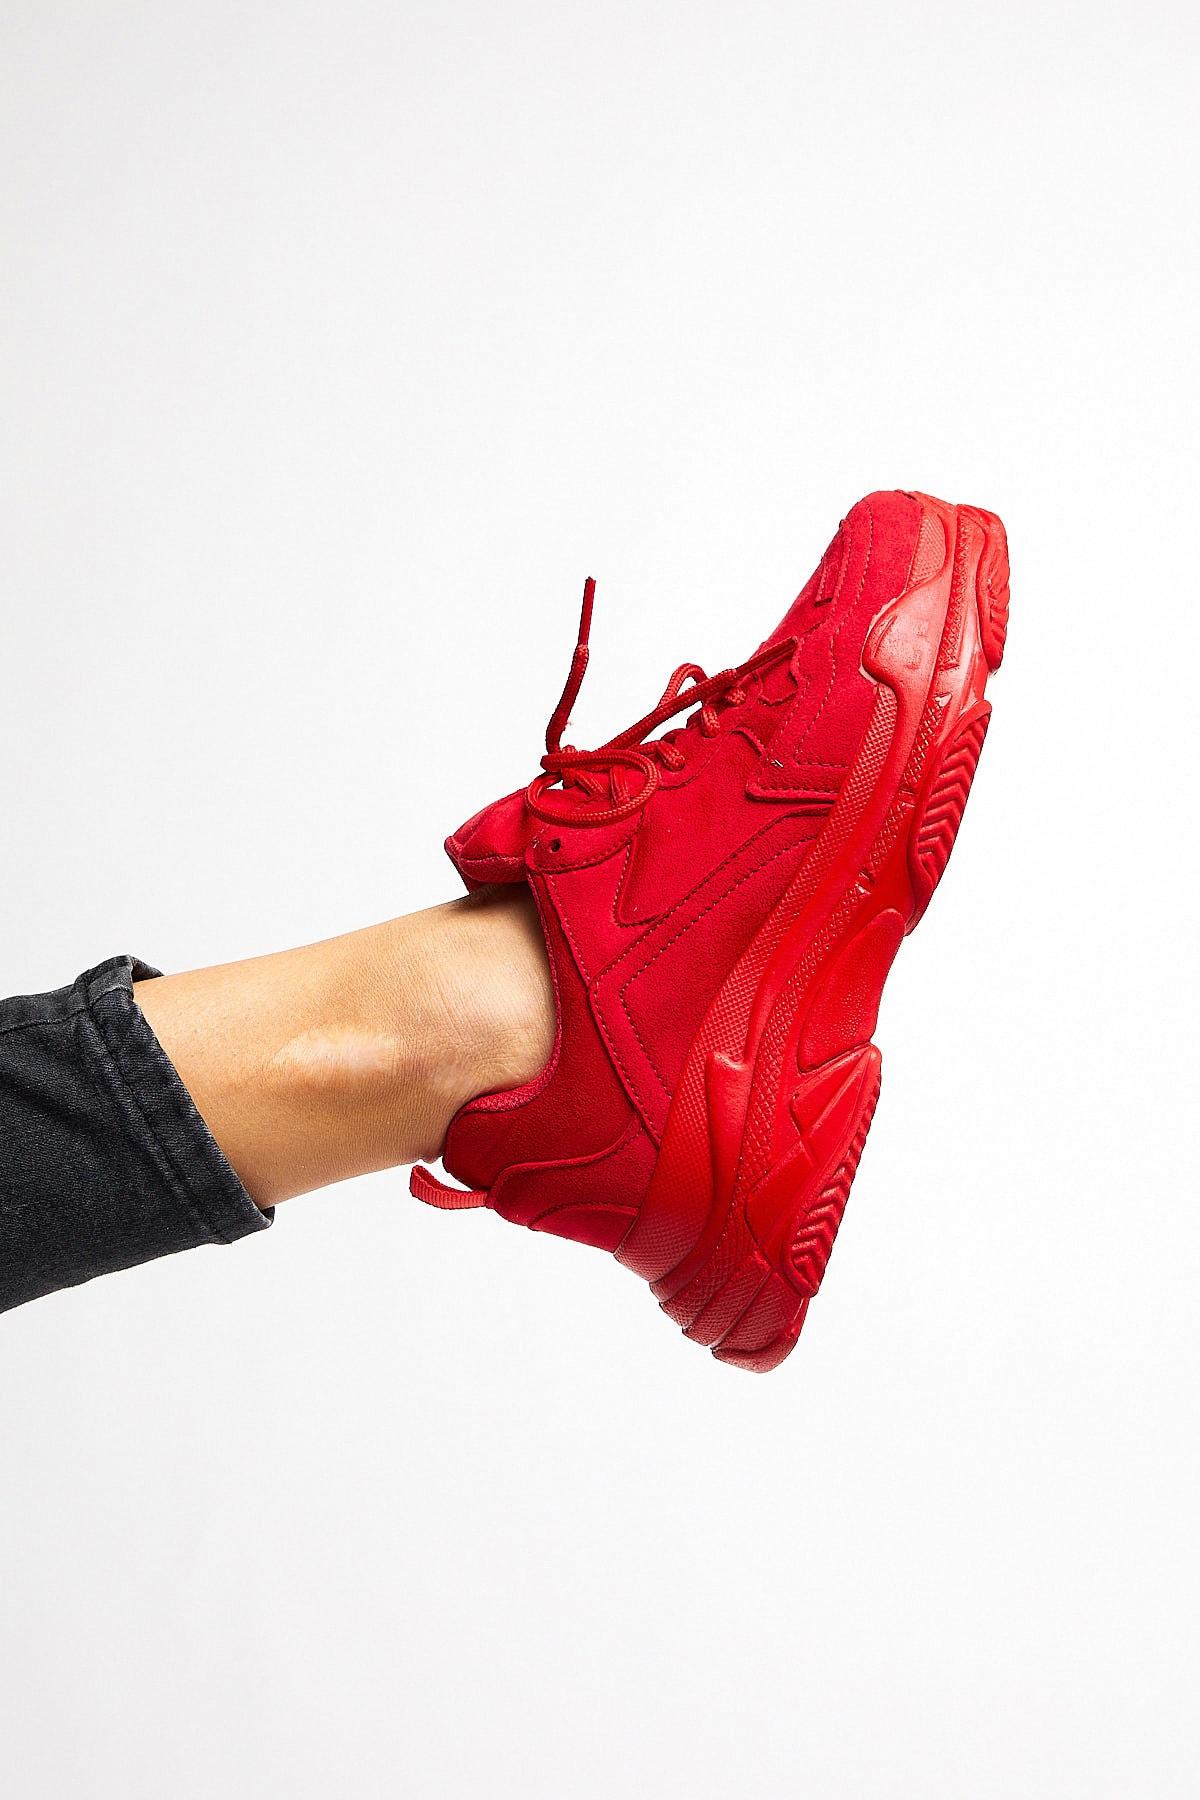 Kadın Spor Ayakkabı Kırmızı Süet Bls-q -> 38 -> Kırmızı Süet